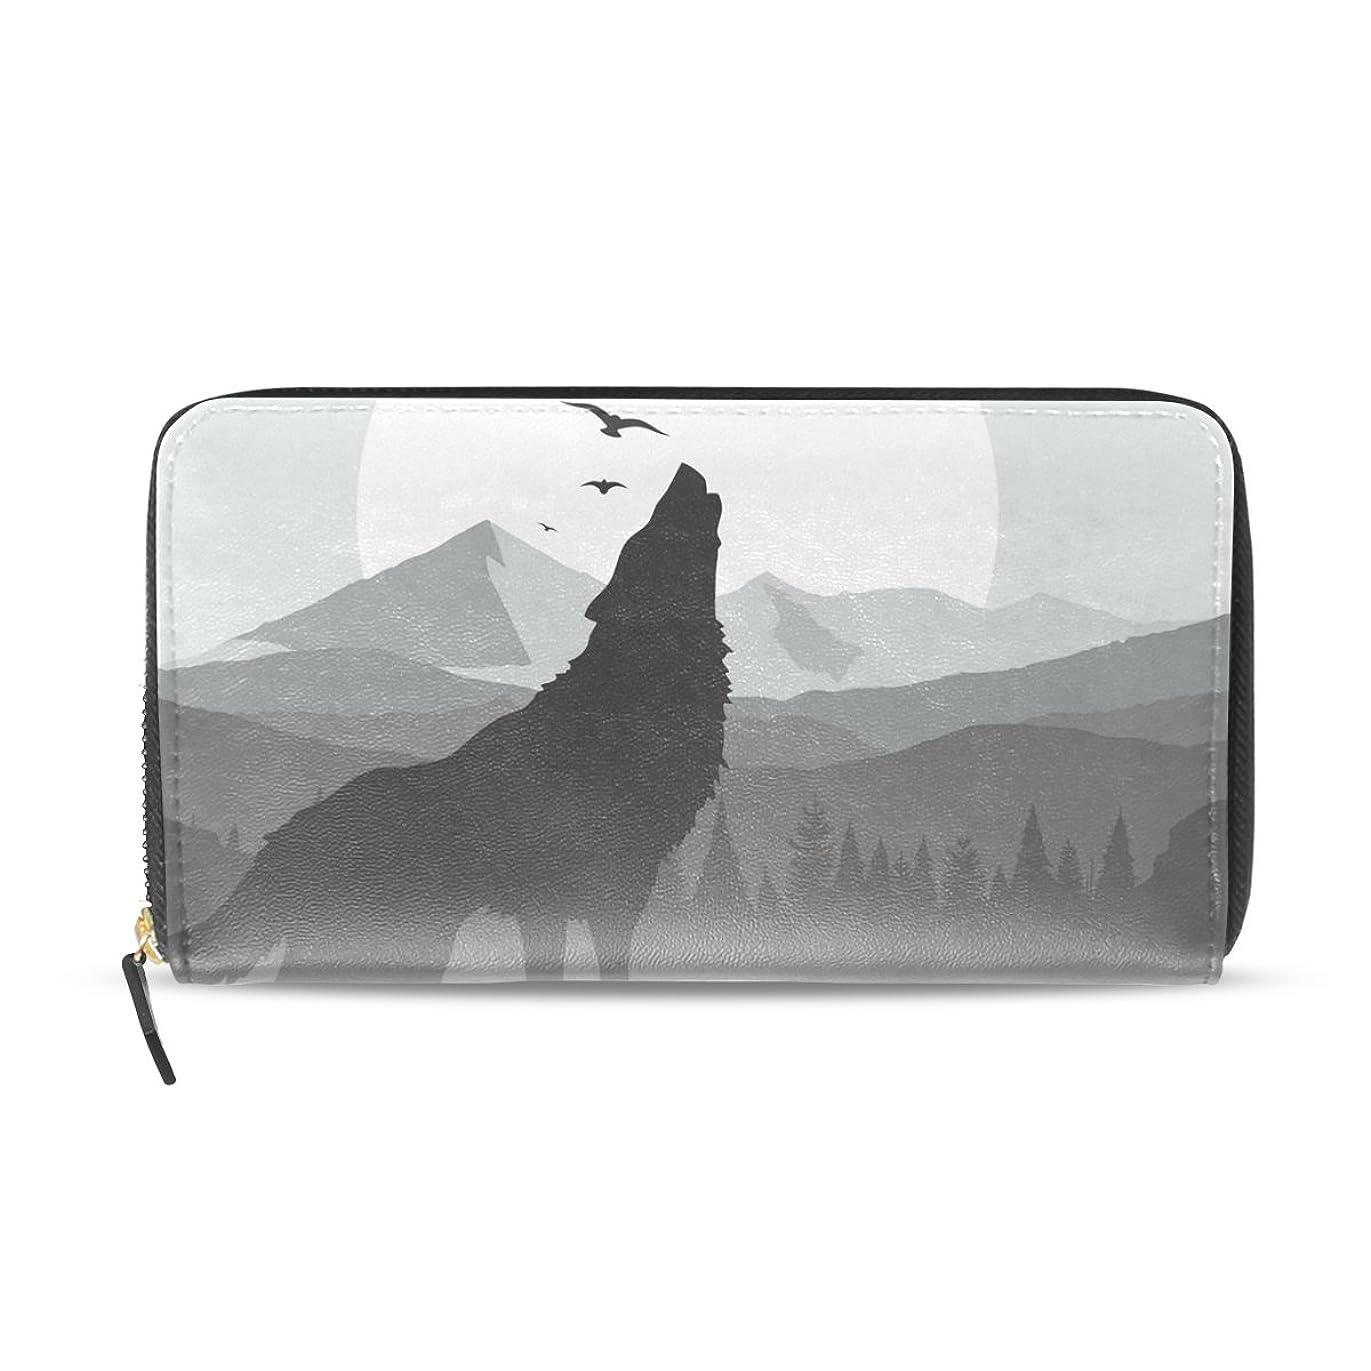 大腿結晶スリップシューズAOMOKI 長財布 財布 レディース 大容量 PUレザー 幅20*丈11cm 灰色 オオカミ 日 山